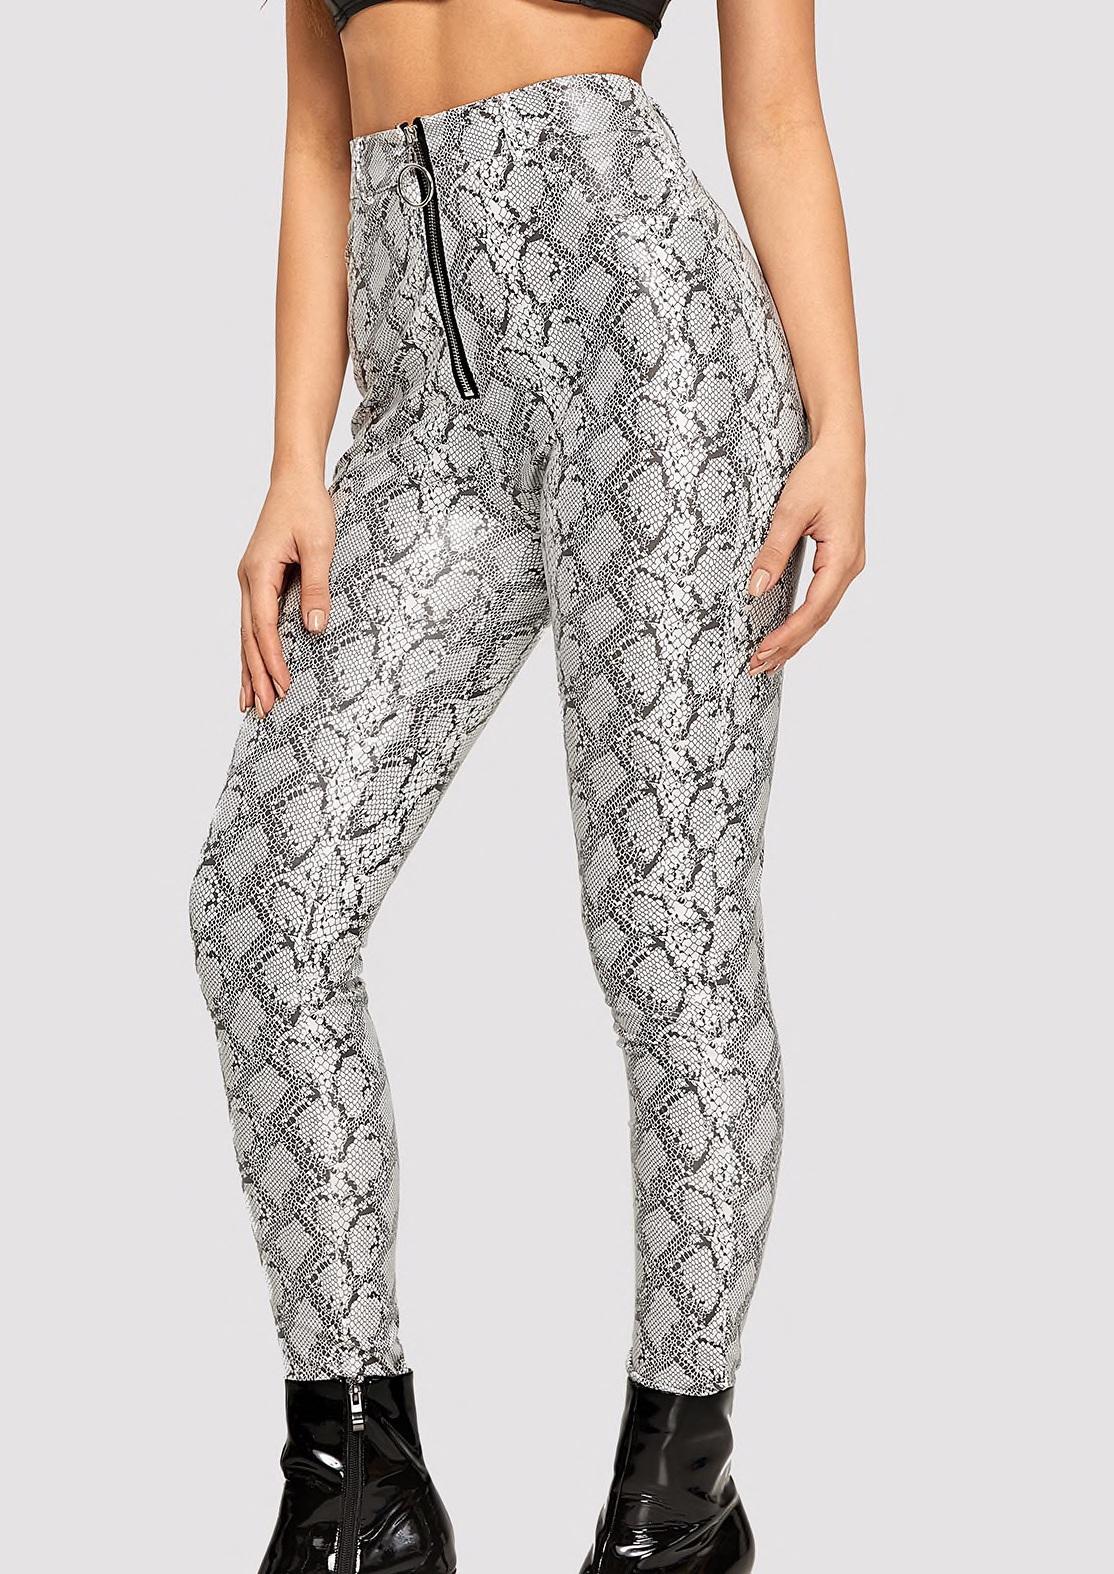 pants girly girl girly wishlist trendy snake snake print snake print pants snake skin zip zipped pants zip-up